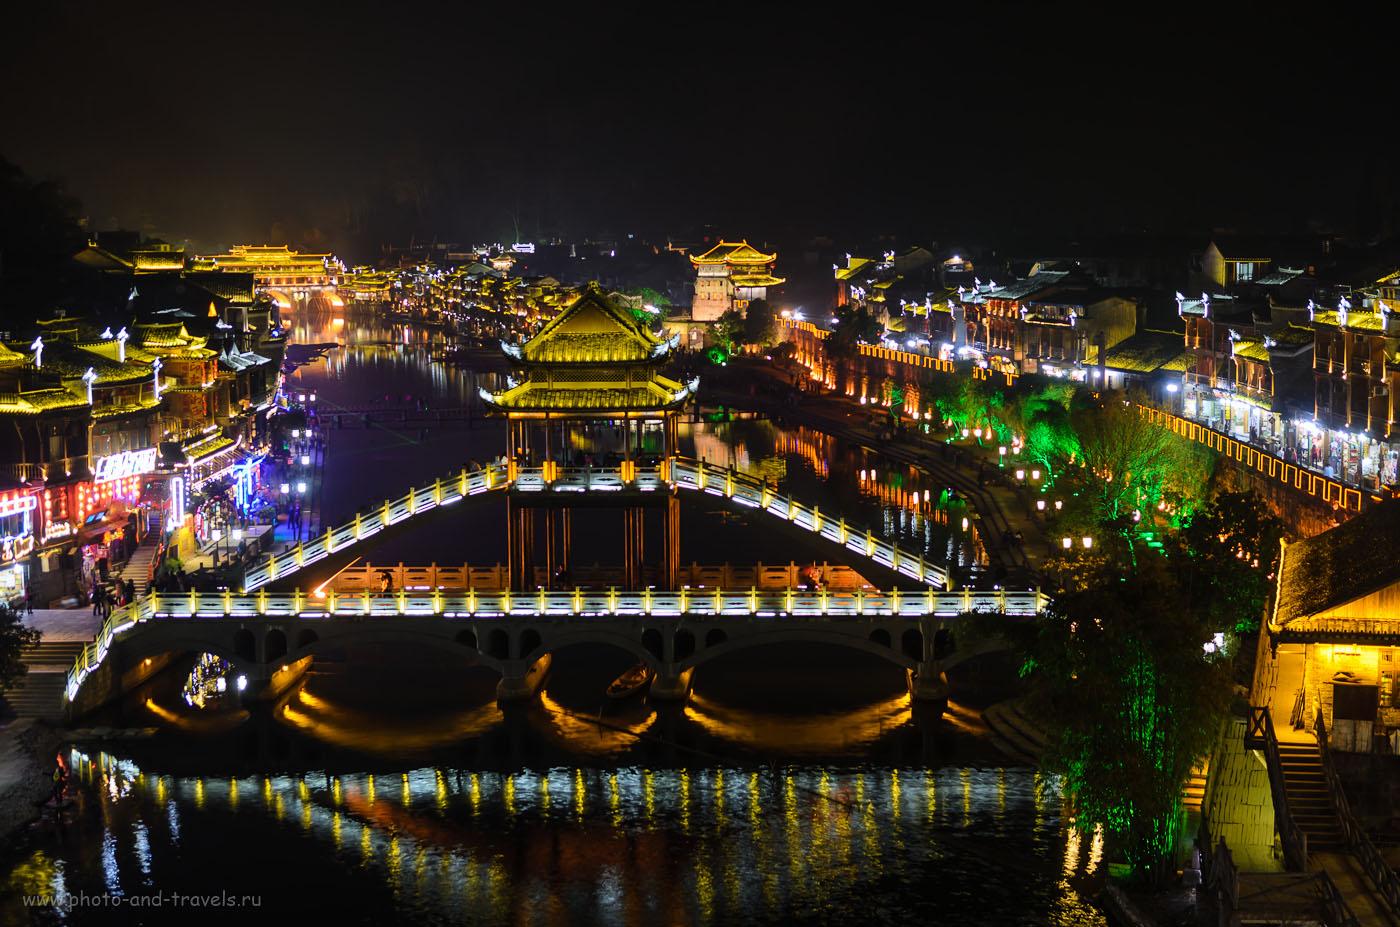 Фотография 26. Пример ночного пейзажа, снятого на Nikon D5100 с объективом Nikon 17-55mm f/2.8. Сравниваем с старшей по рангу и по возрасту Nikon D300s. Параметры съемки: ½, 2.8, 100, 35.